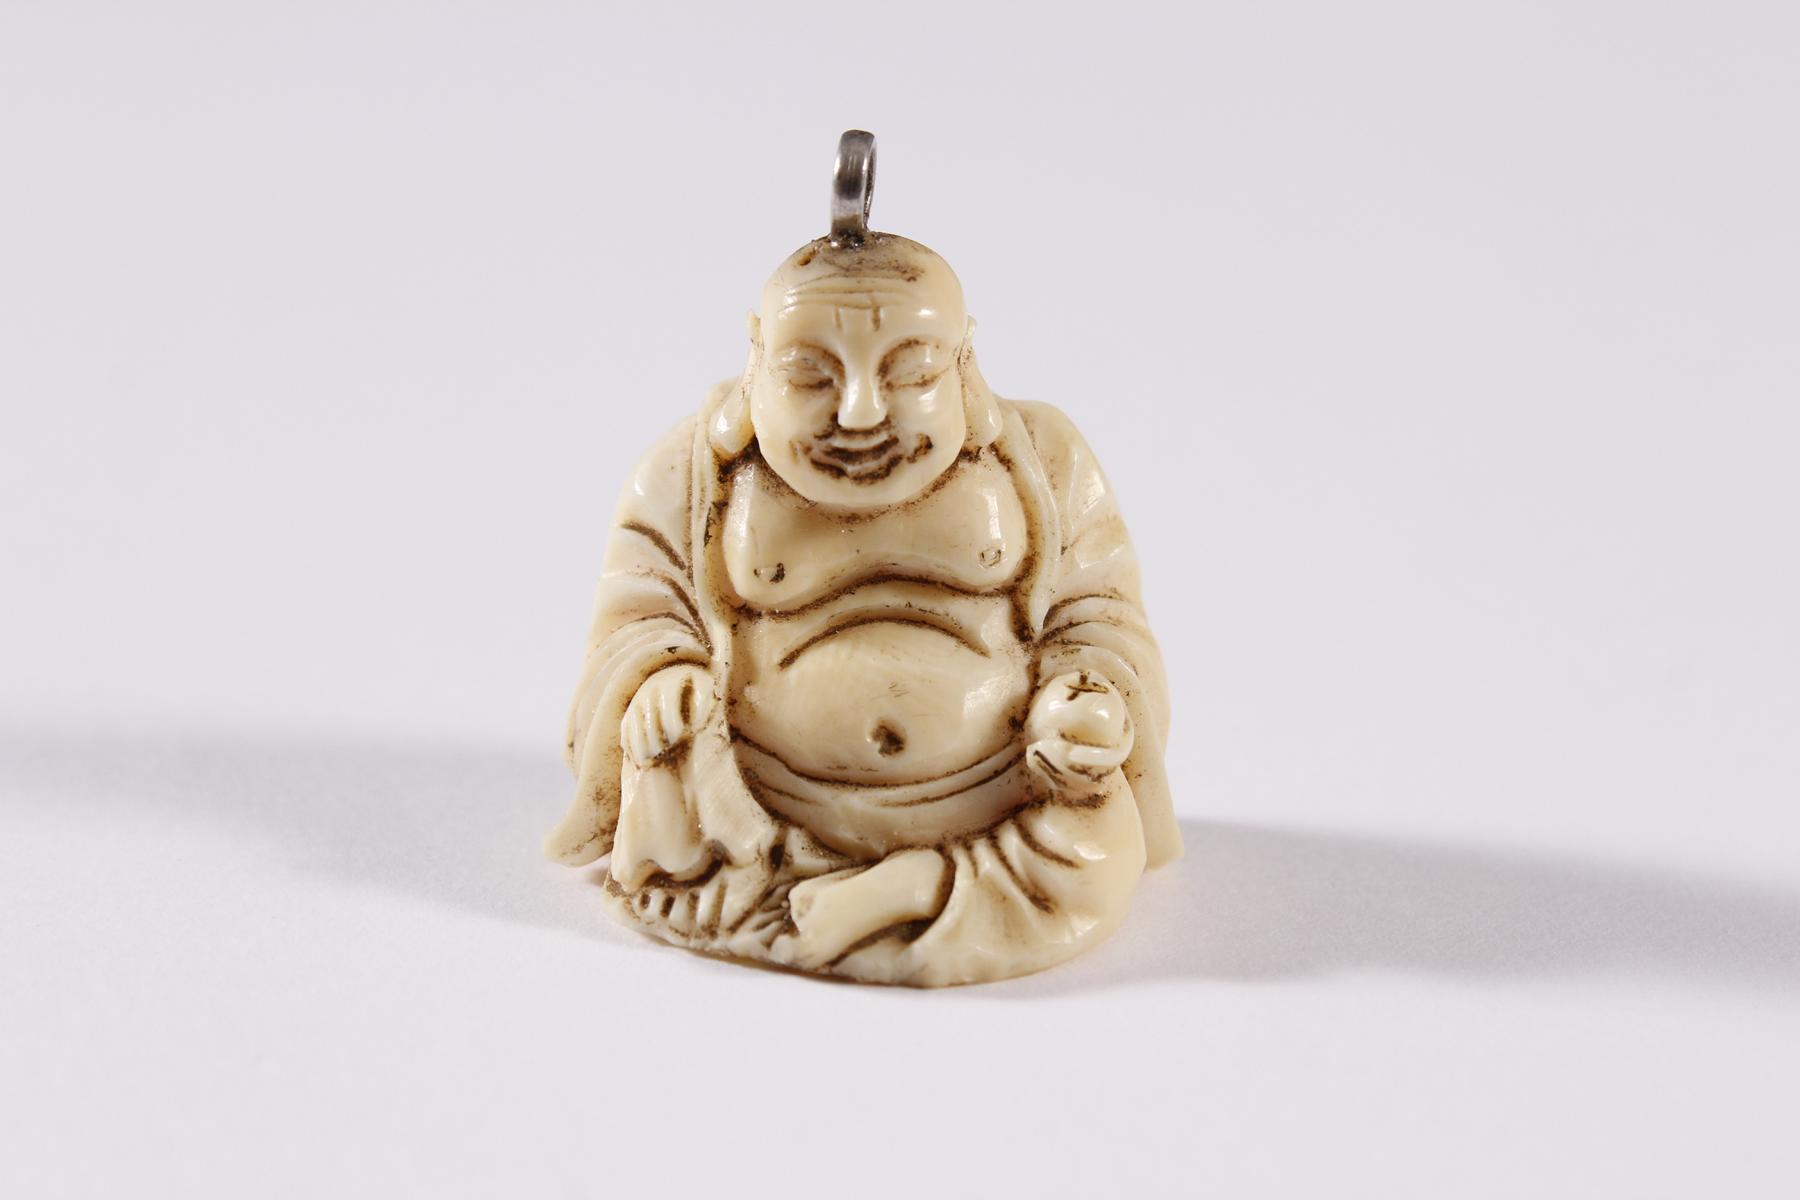 Elfenbein Anhänger, Glücks-Buddha, China um 1900